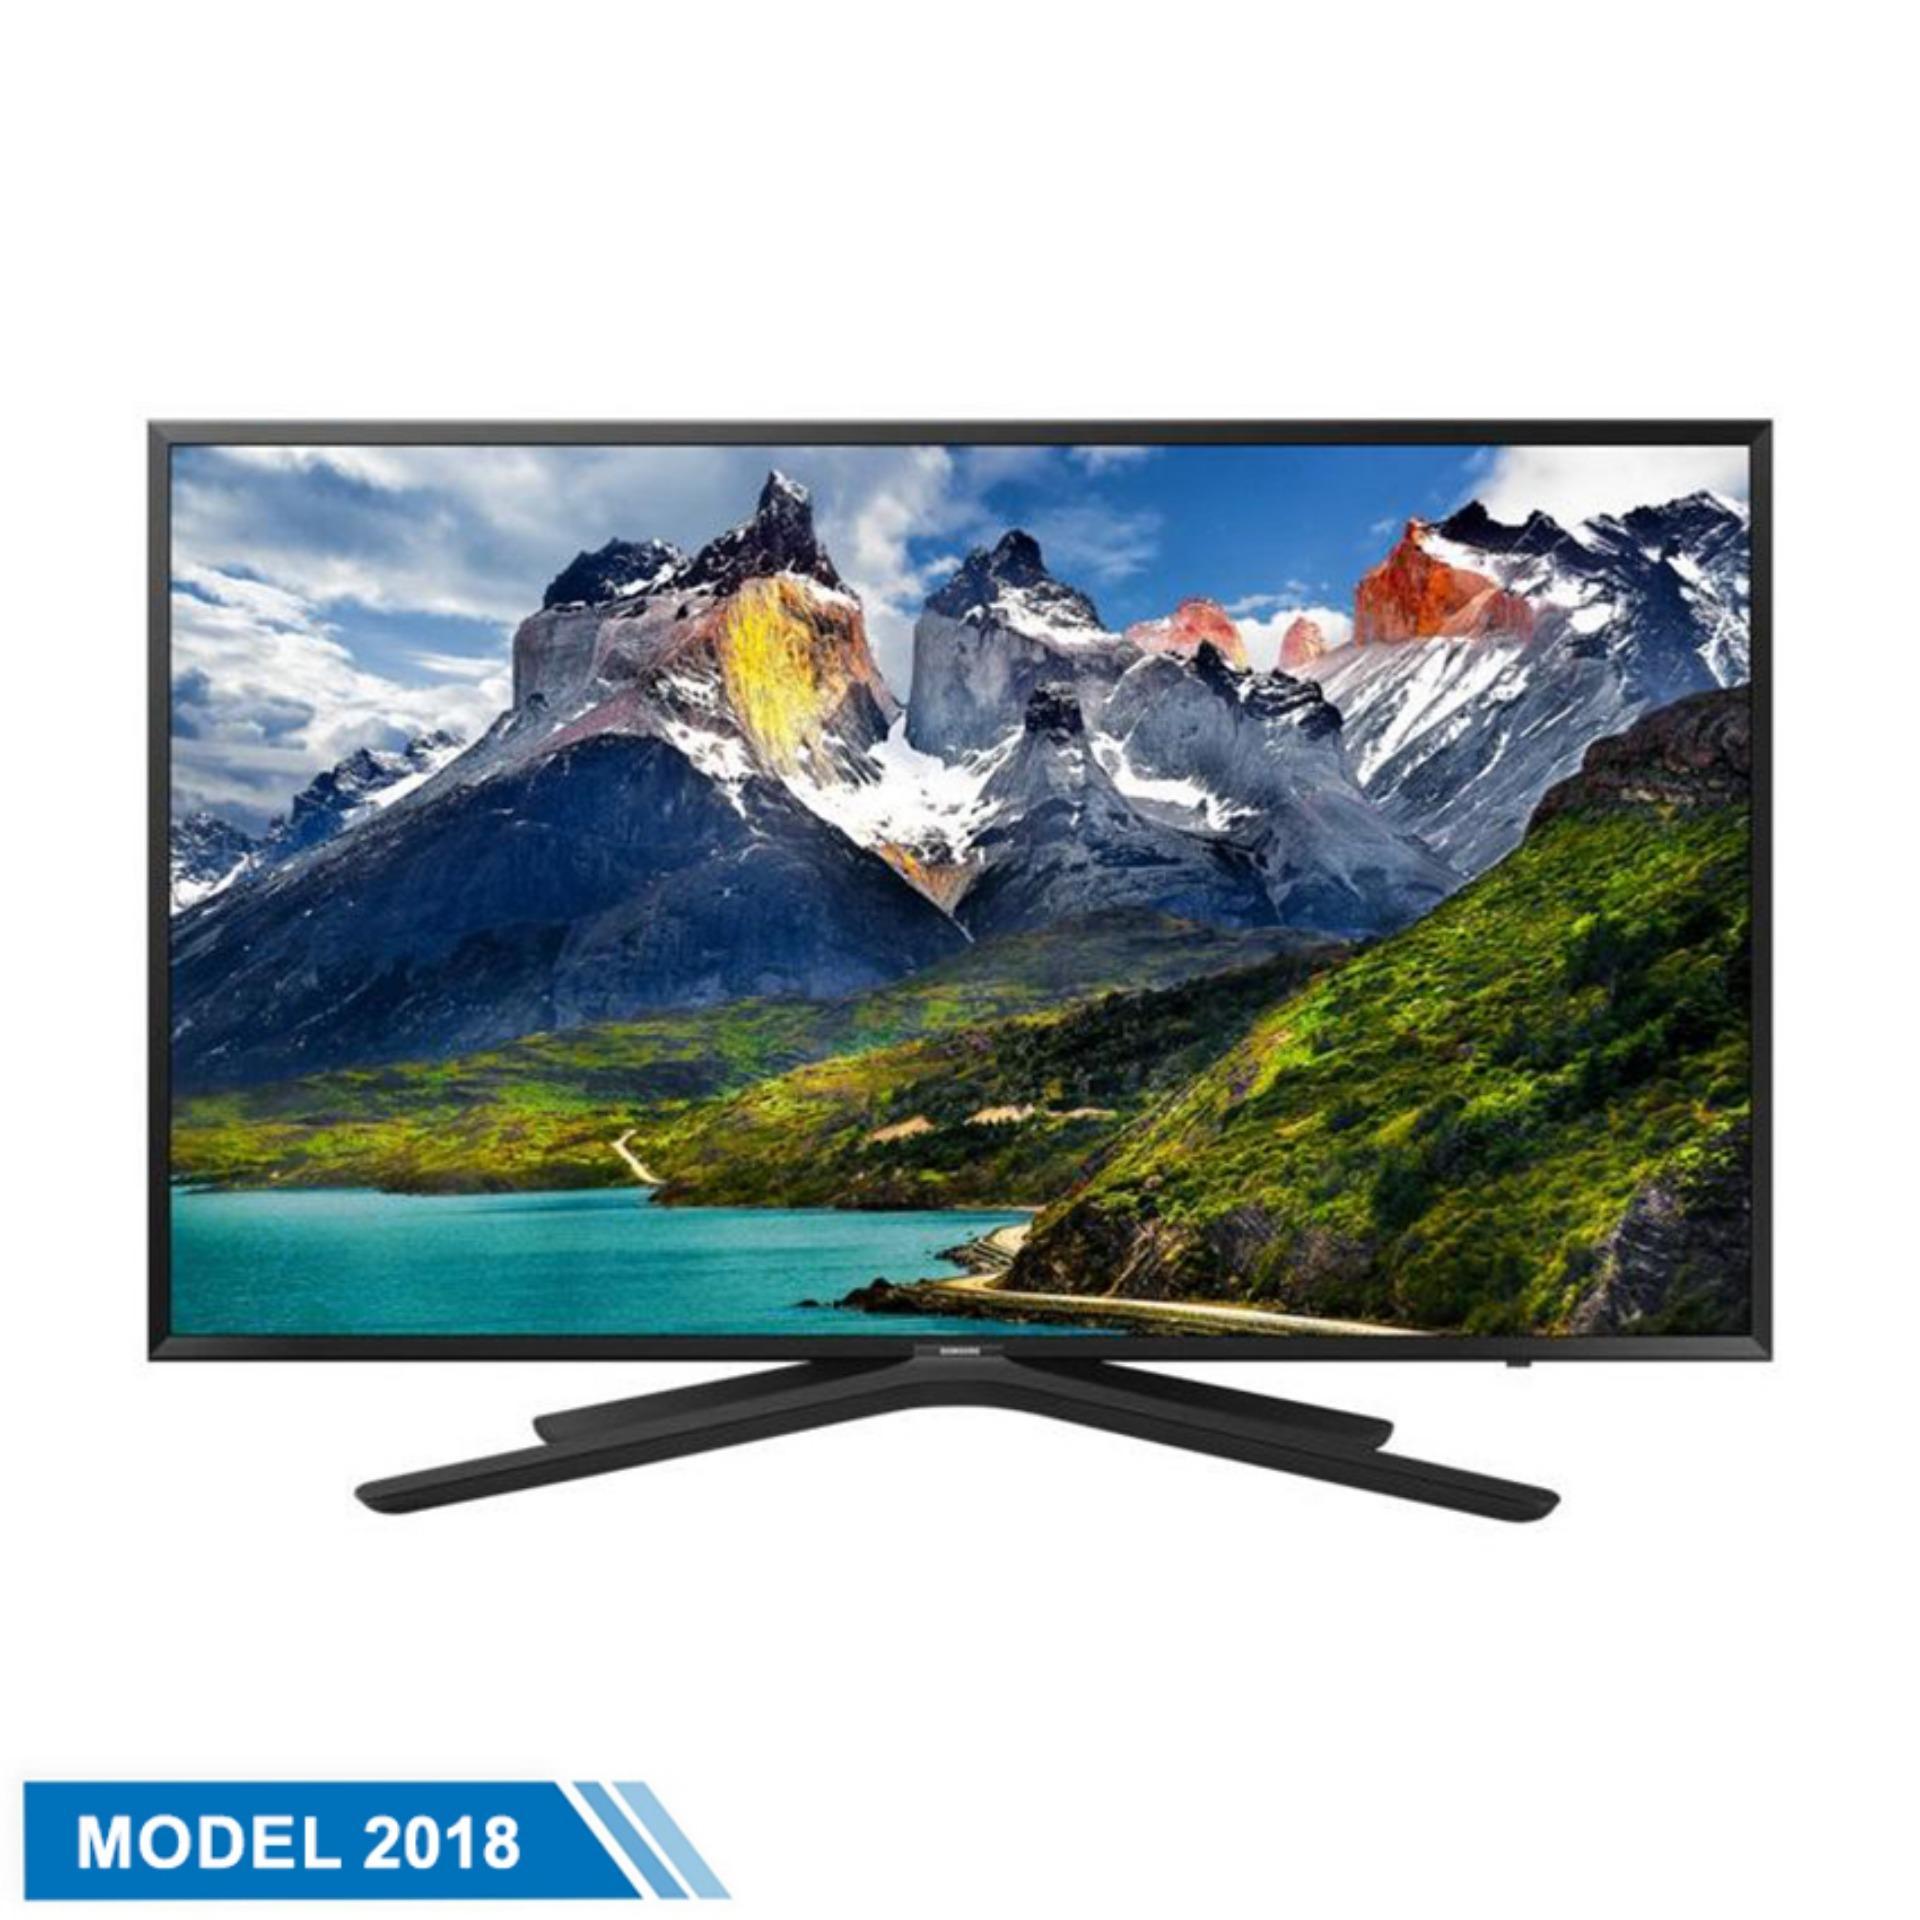 Smart TV Samsung 43inch Full HD - Model UA43N5500AKXXV (Đen) - Hãng phân phối chính thức